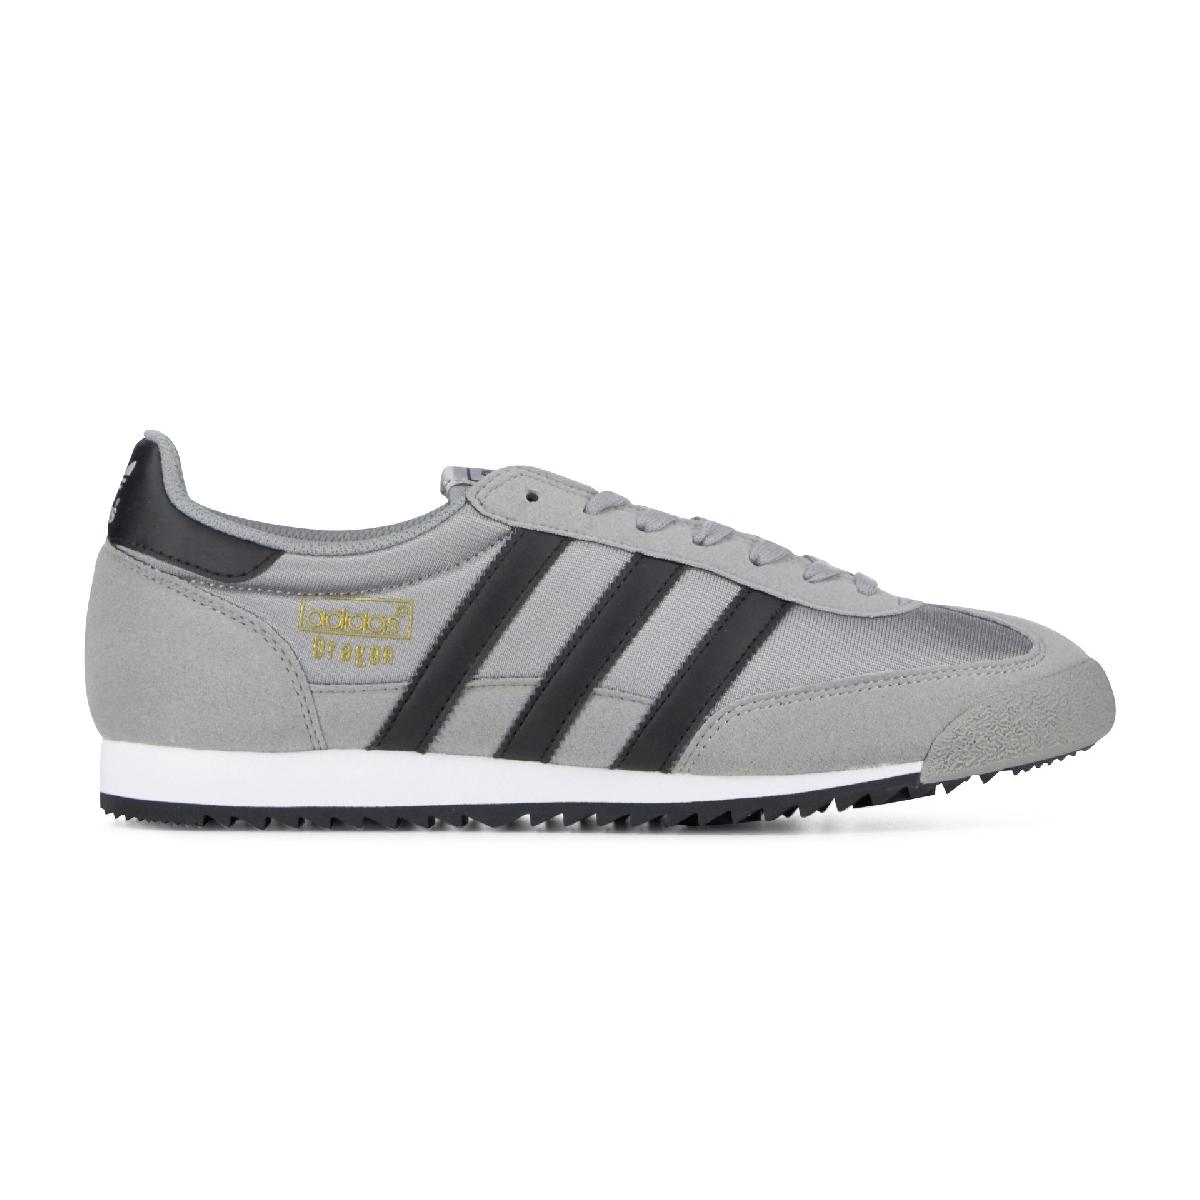 a08aa56151202 Réduction authentique chaussure adidas scratch Baskets - panier-bio ...